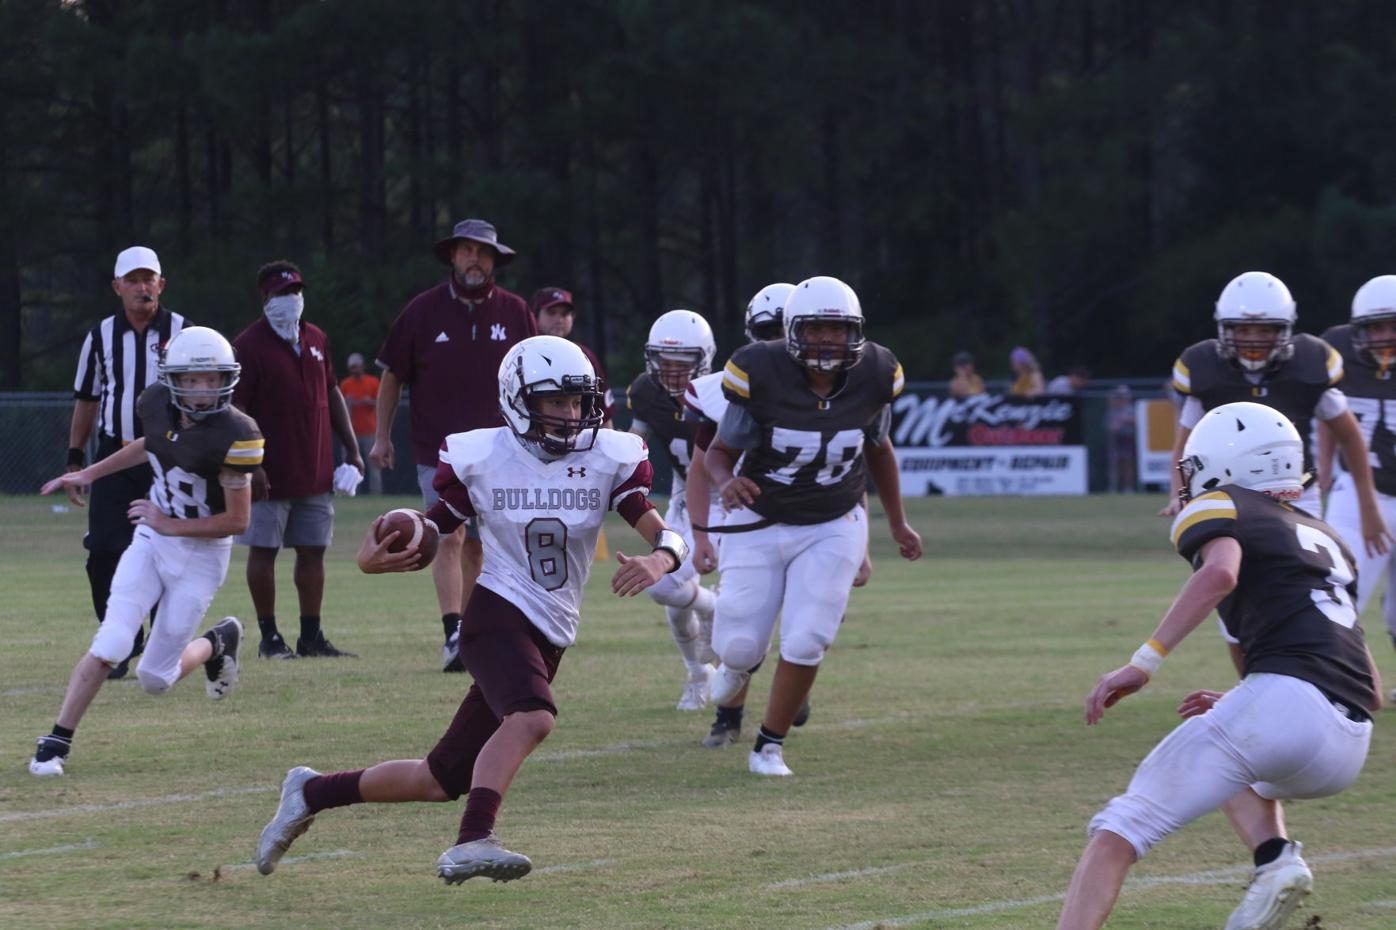 Seventh grade football